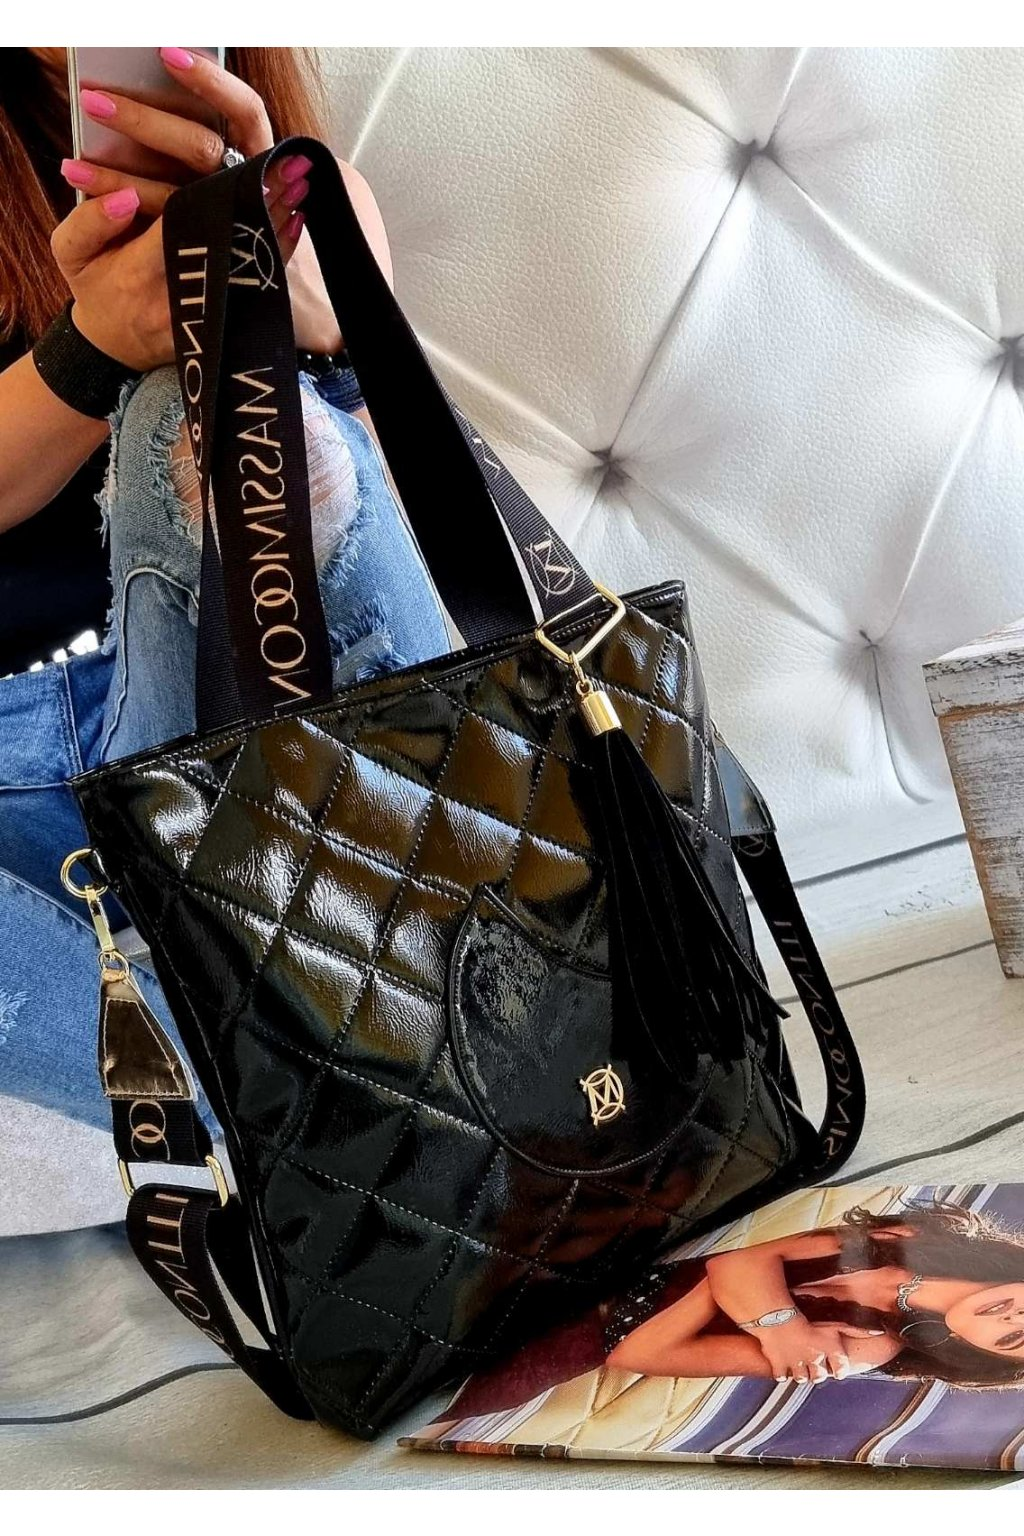 Kabelka Massimo Contti černá lak trendy italy fashion style